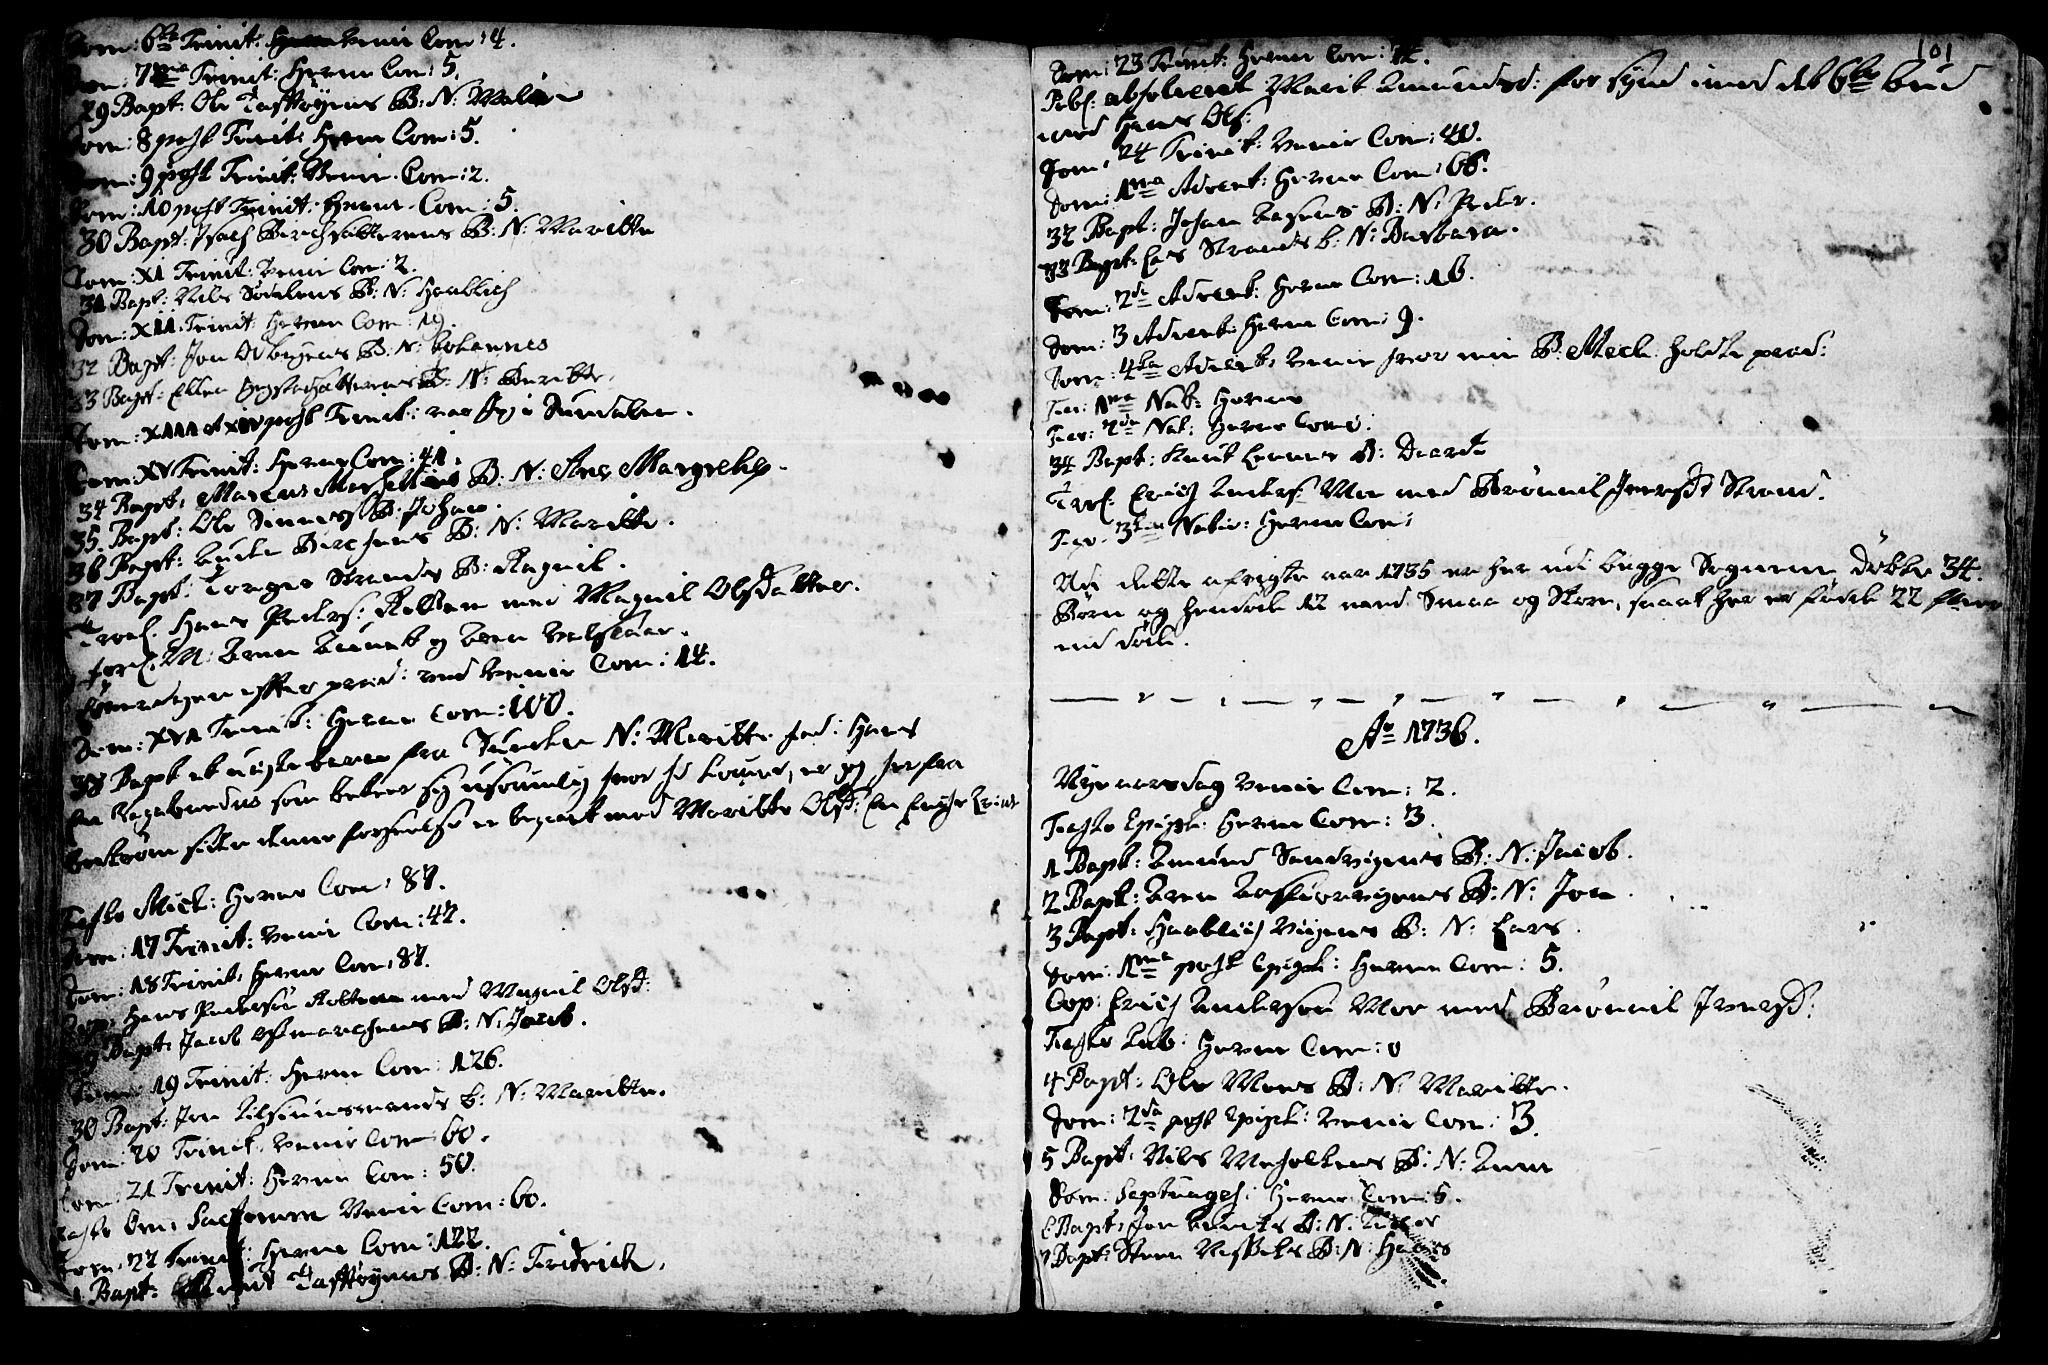 SAT, Ministerialprotokoller, klokkerbøker og fødselsregistre - Sør-Trøndelag, 630/L0488: Ministerialbok nr. 630A01, 1717-1756, s. 100-101